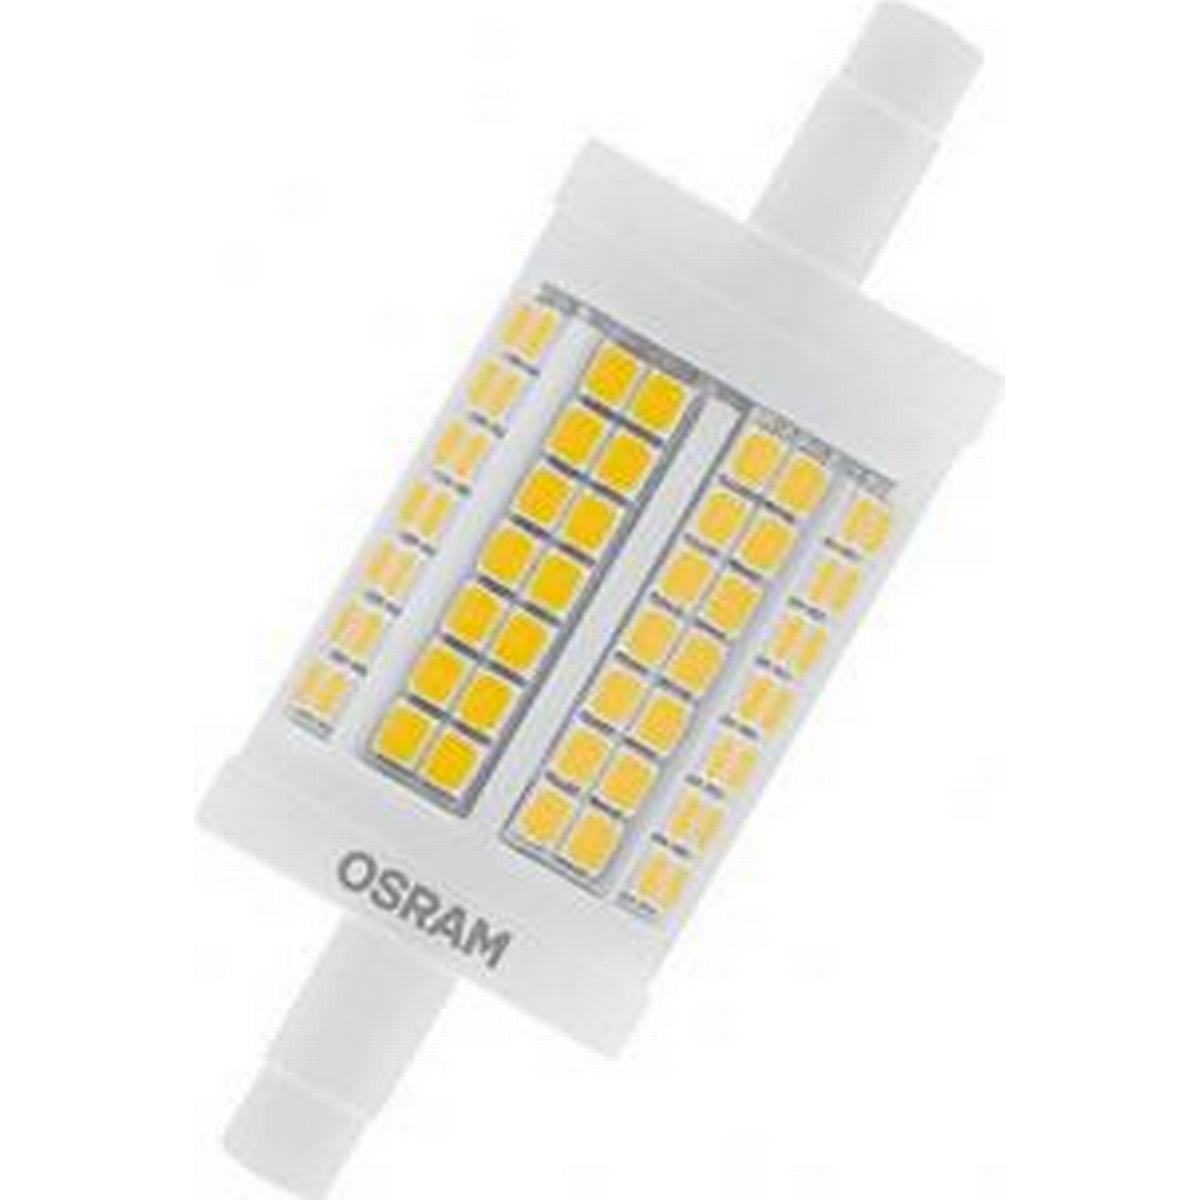 halogenstab 400W 118mm R7s ersetzt 500W